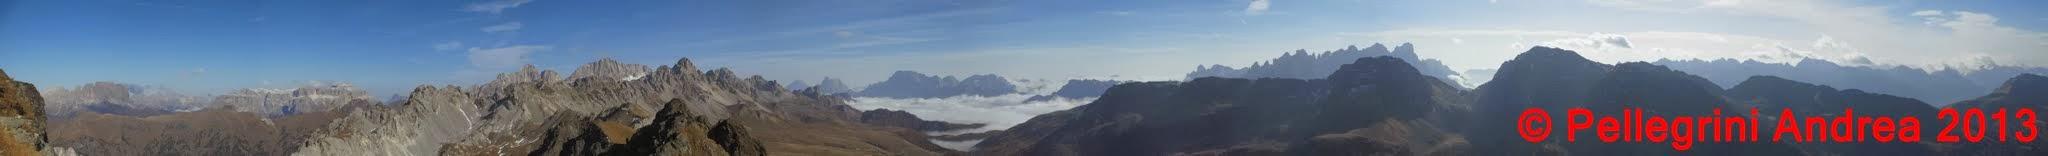 Photo: Panorama 9 visione dolomitica dalla Cresta dei Monzoni